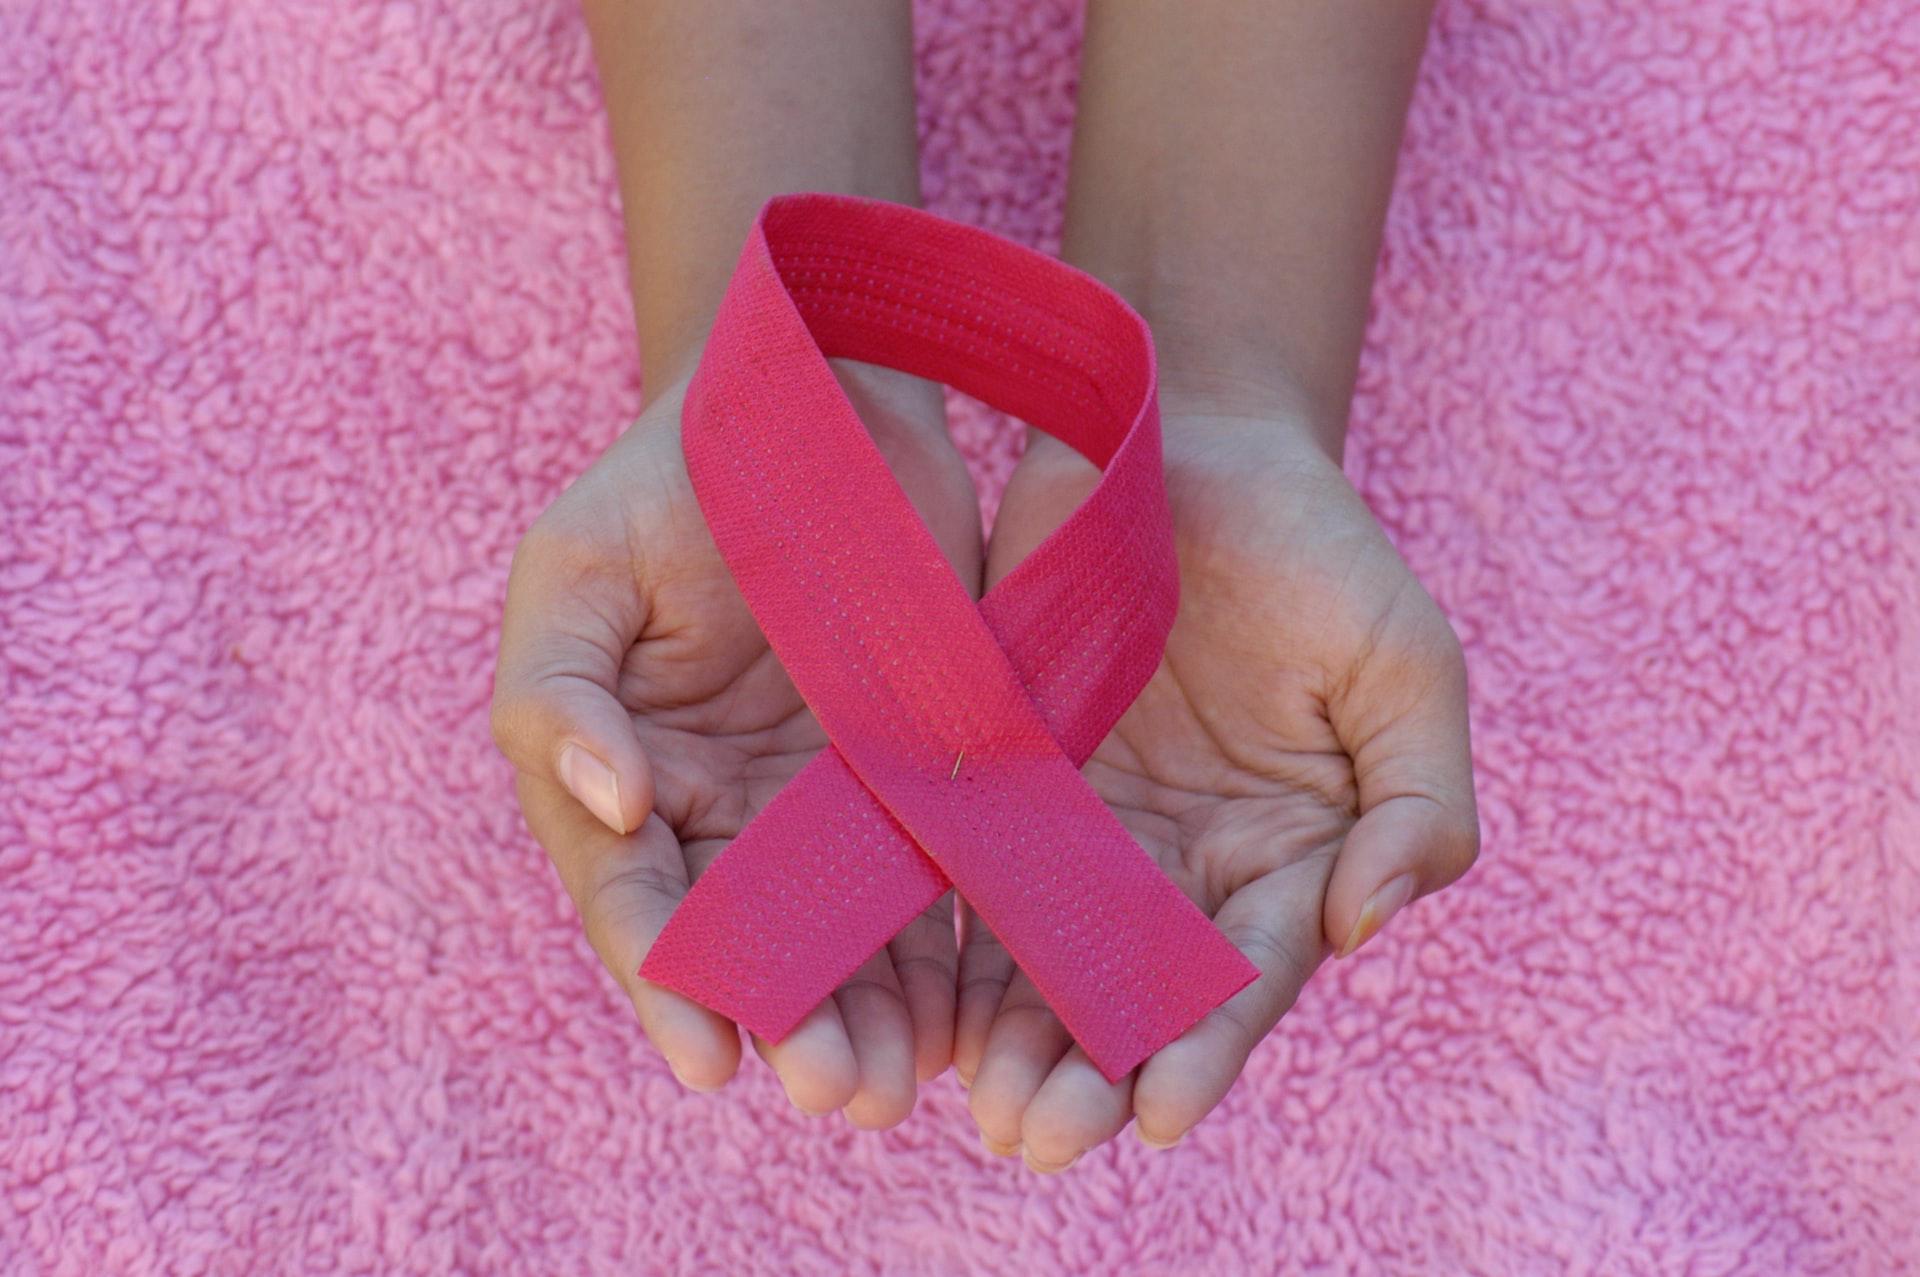 JALのSDGsに関する最新の取り組み【乳がん検診のすすめ】